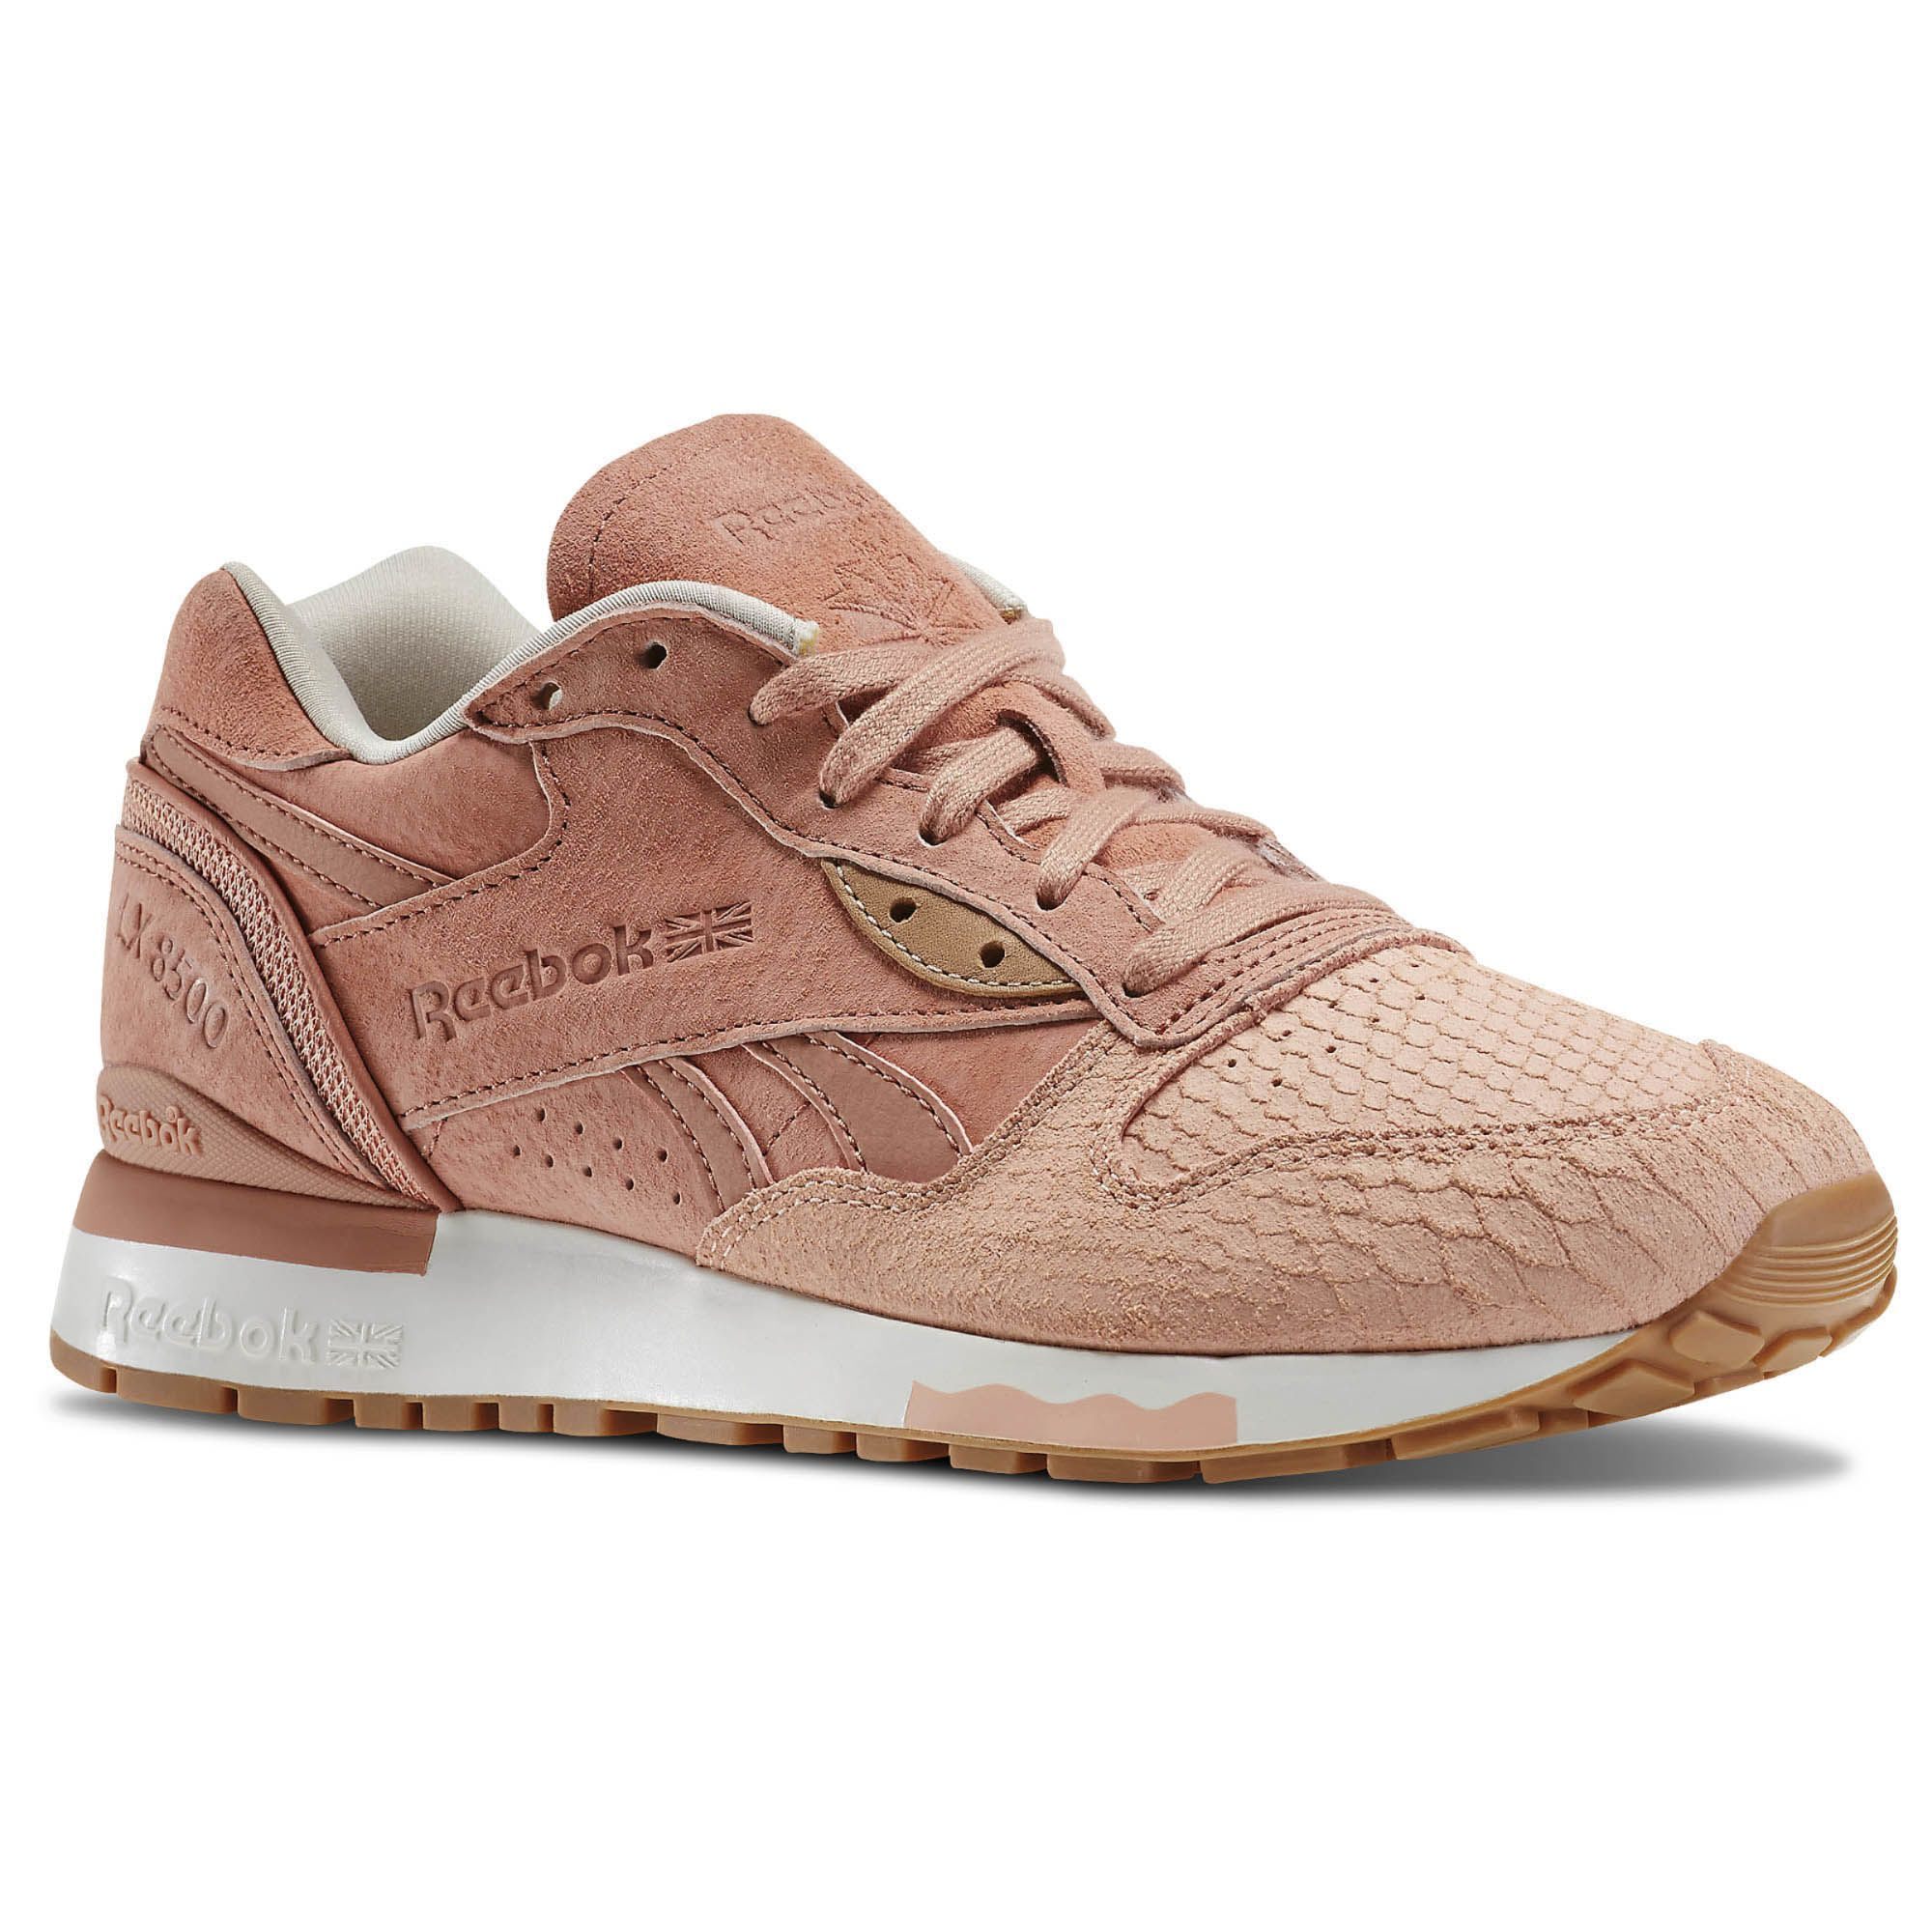 09ebf3b140f ... CO-OP RUNNING TRAINERS Women s Classics Shoes Reebok - LX 8500 Exotics  ...